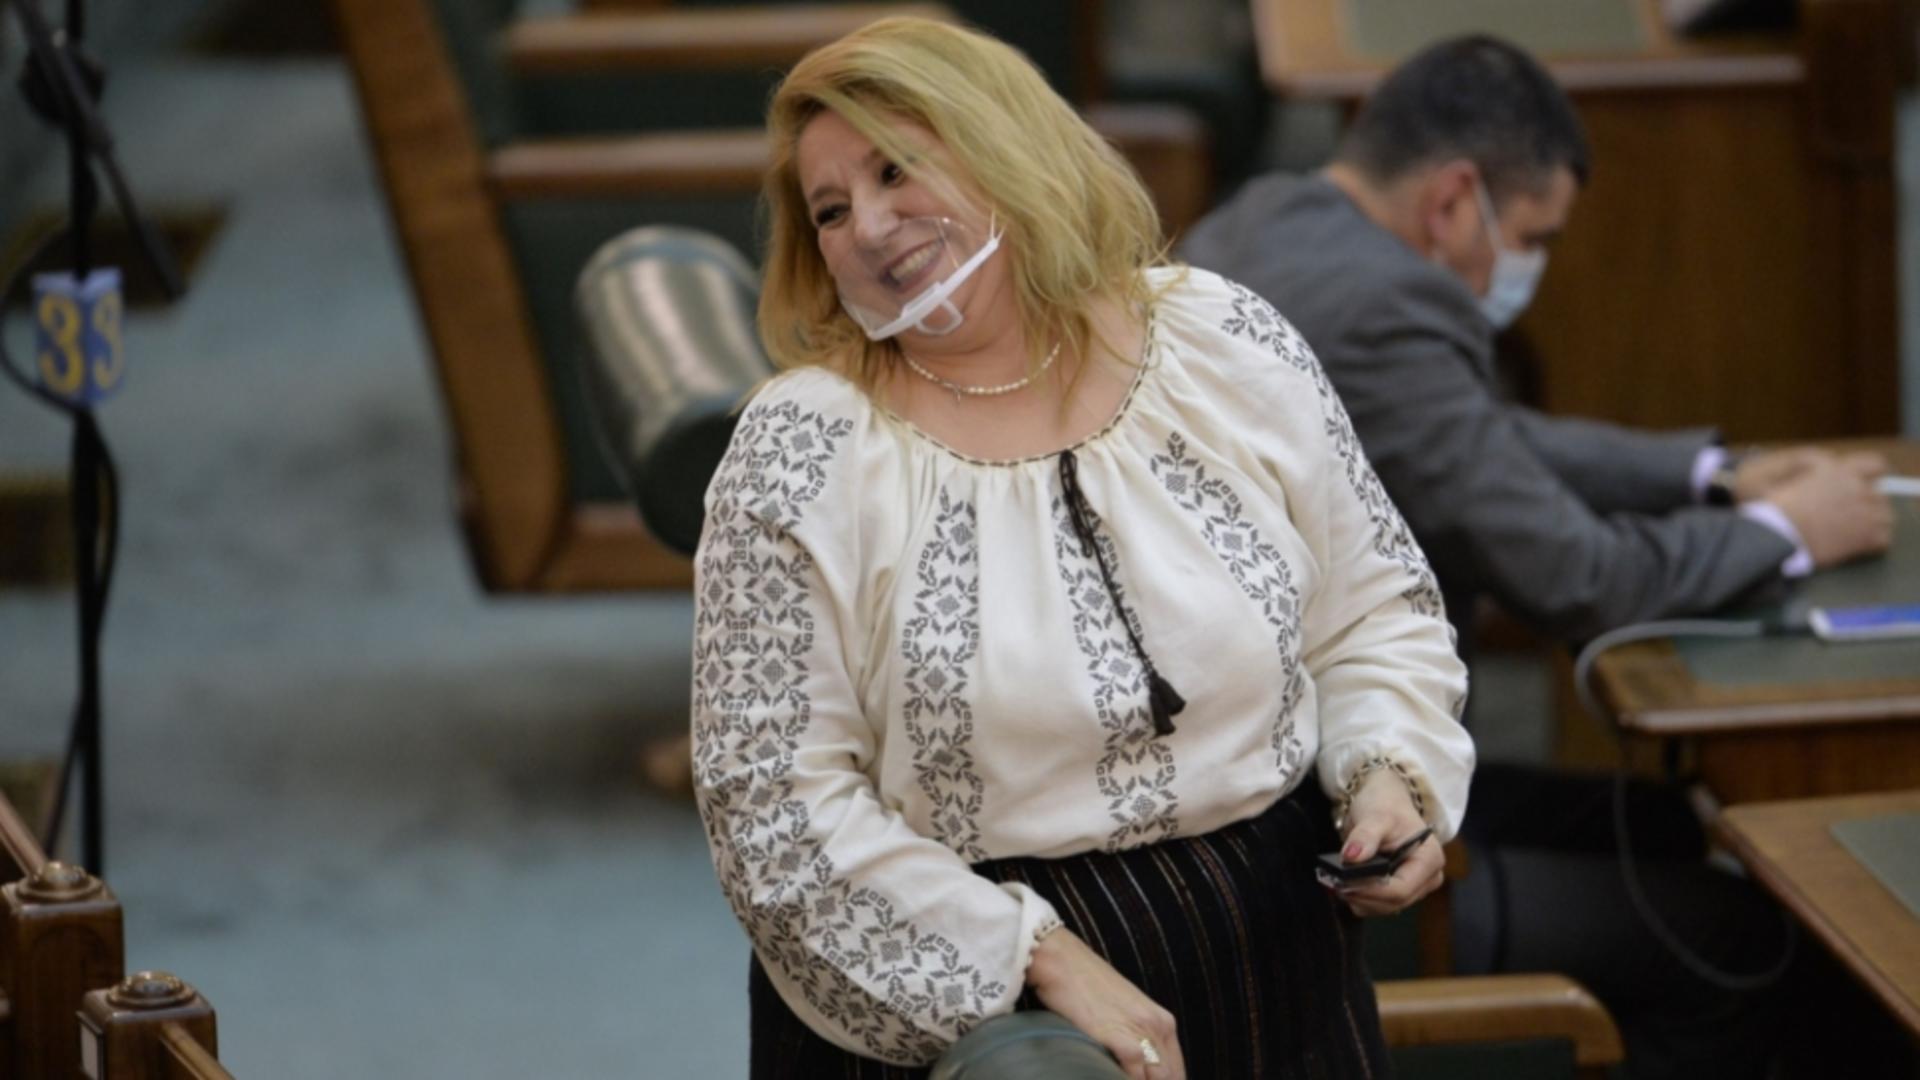 Diana Șoșoacă a făcut scandal și s-a ales cu plângere penală. Foto/Inquam